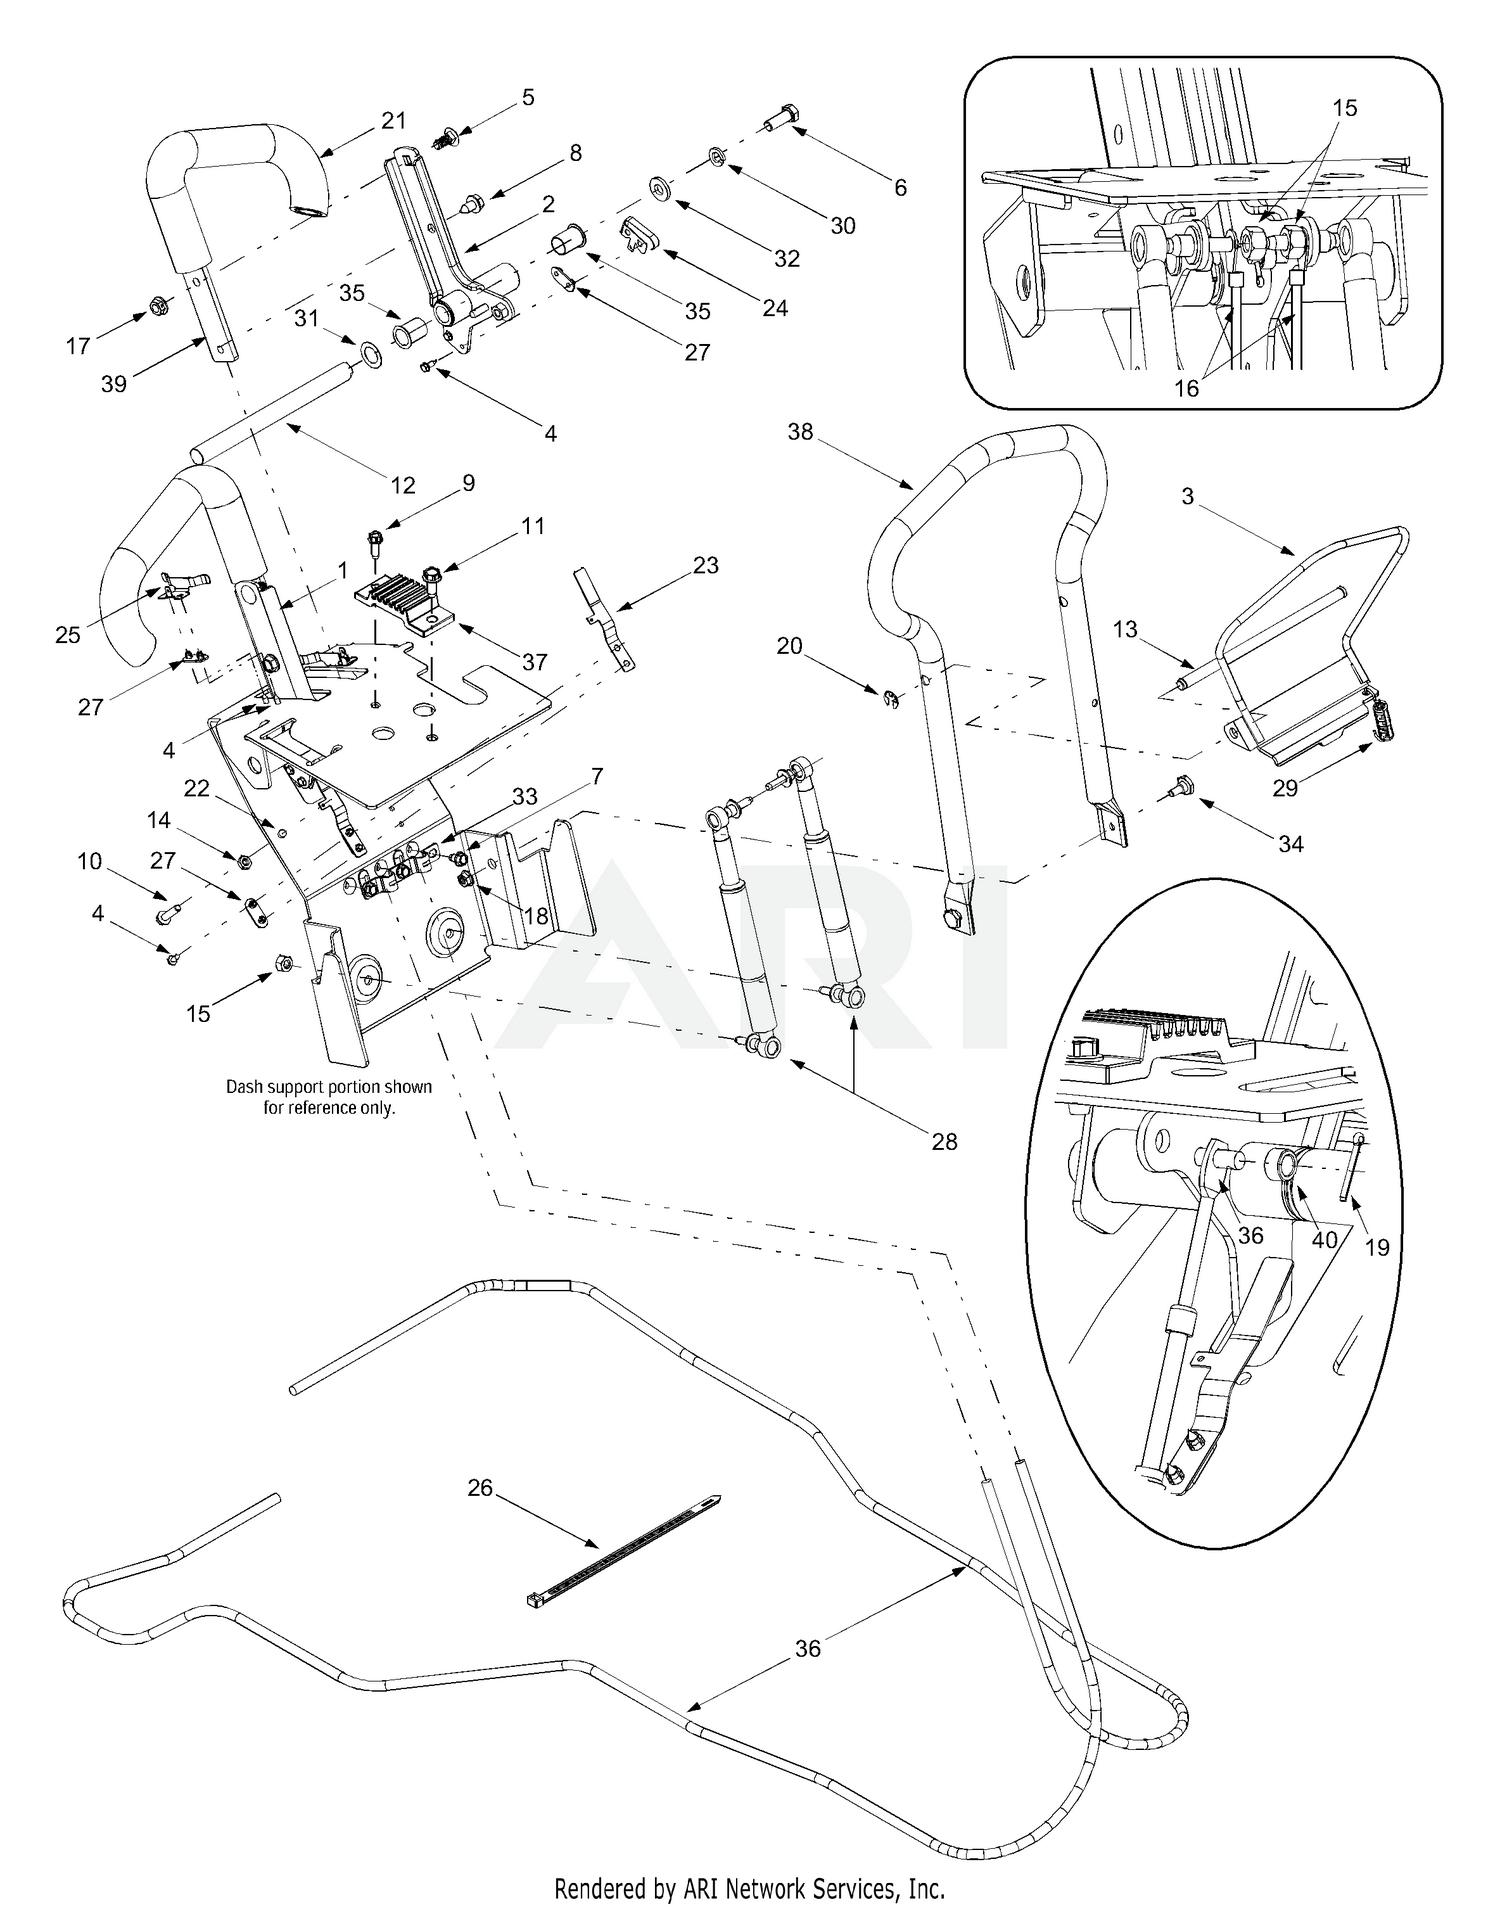 on haban lawn mower wiring schematics